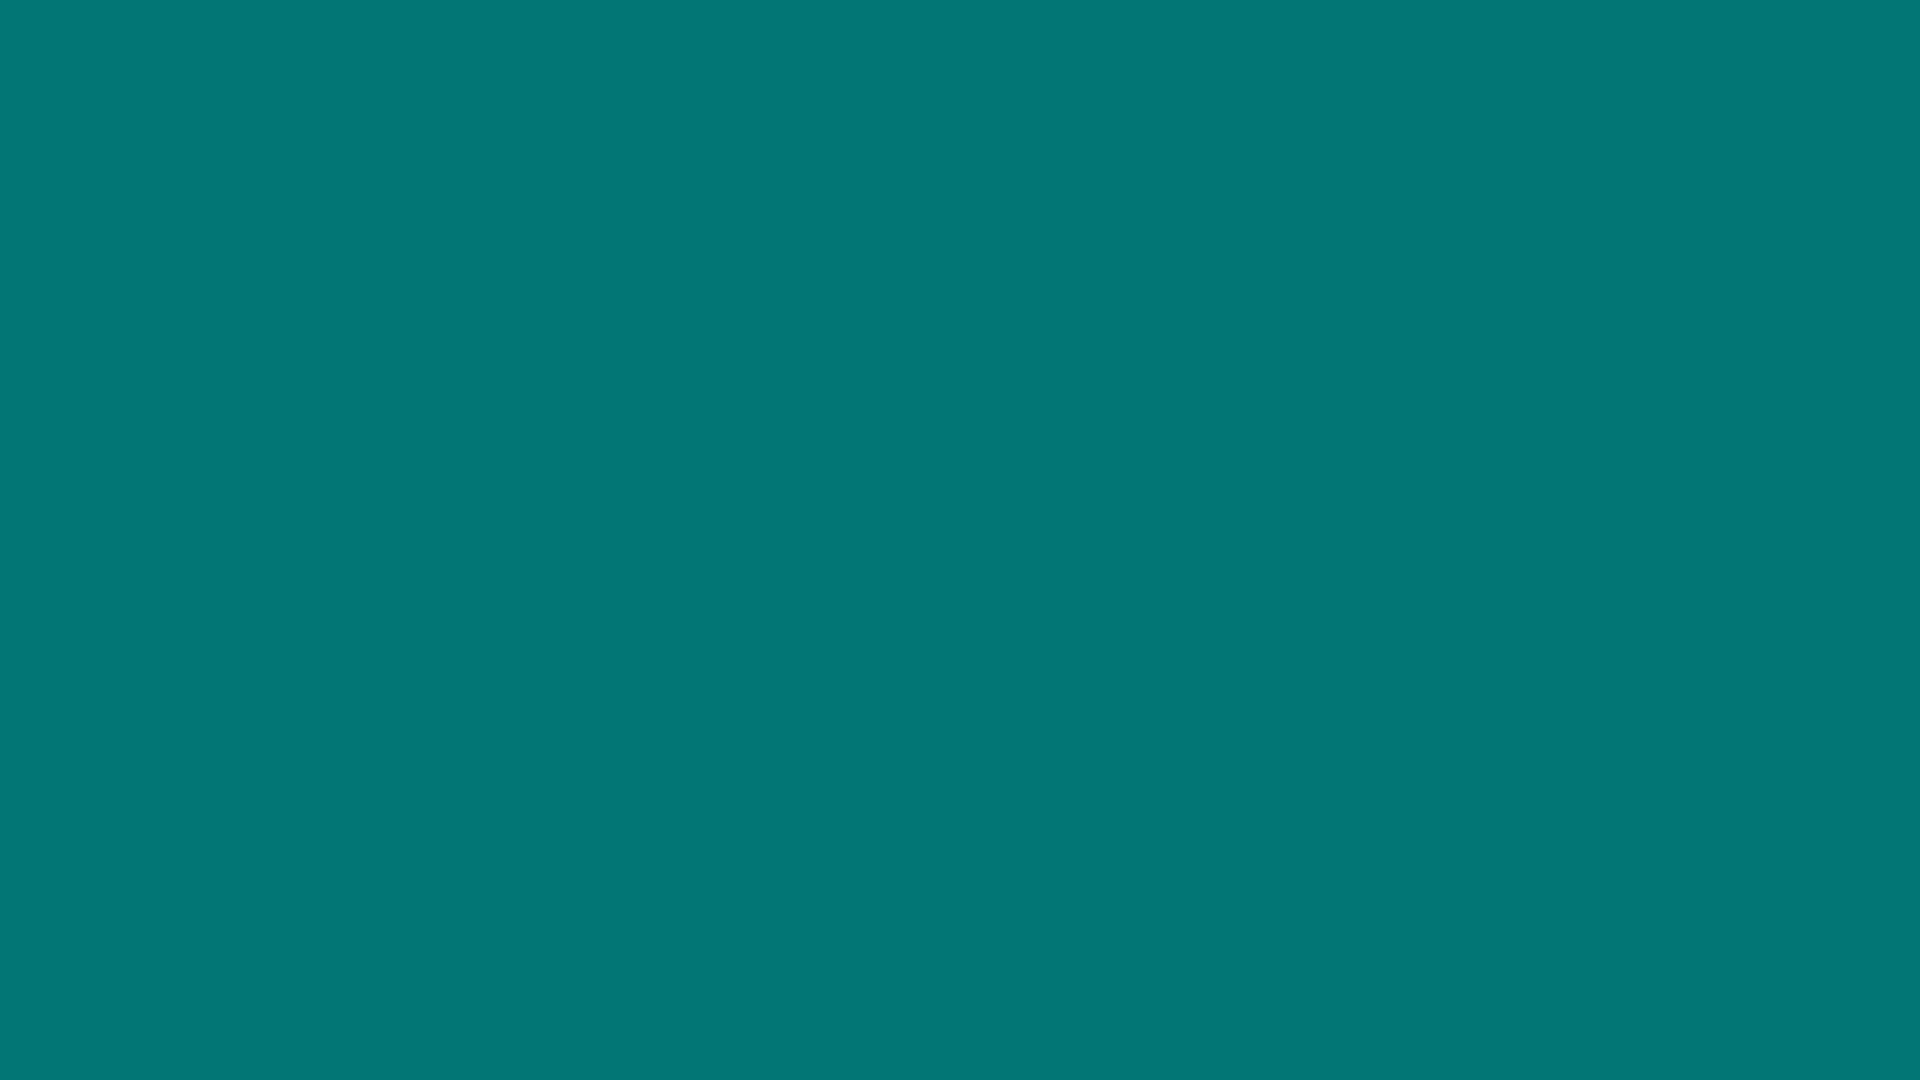 2014년도 아시아연구지원사업 공모